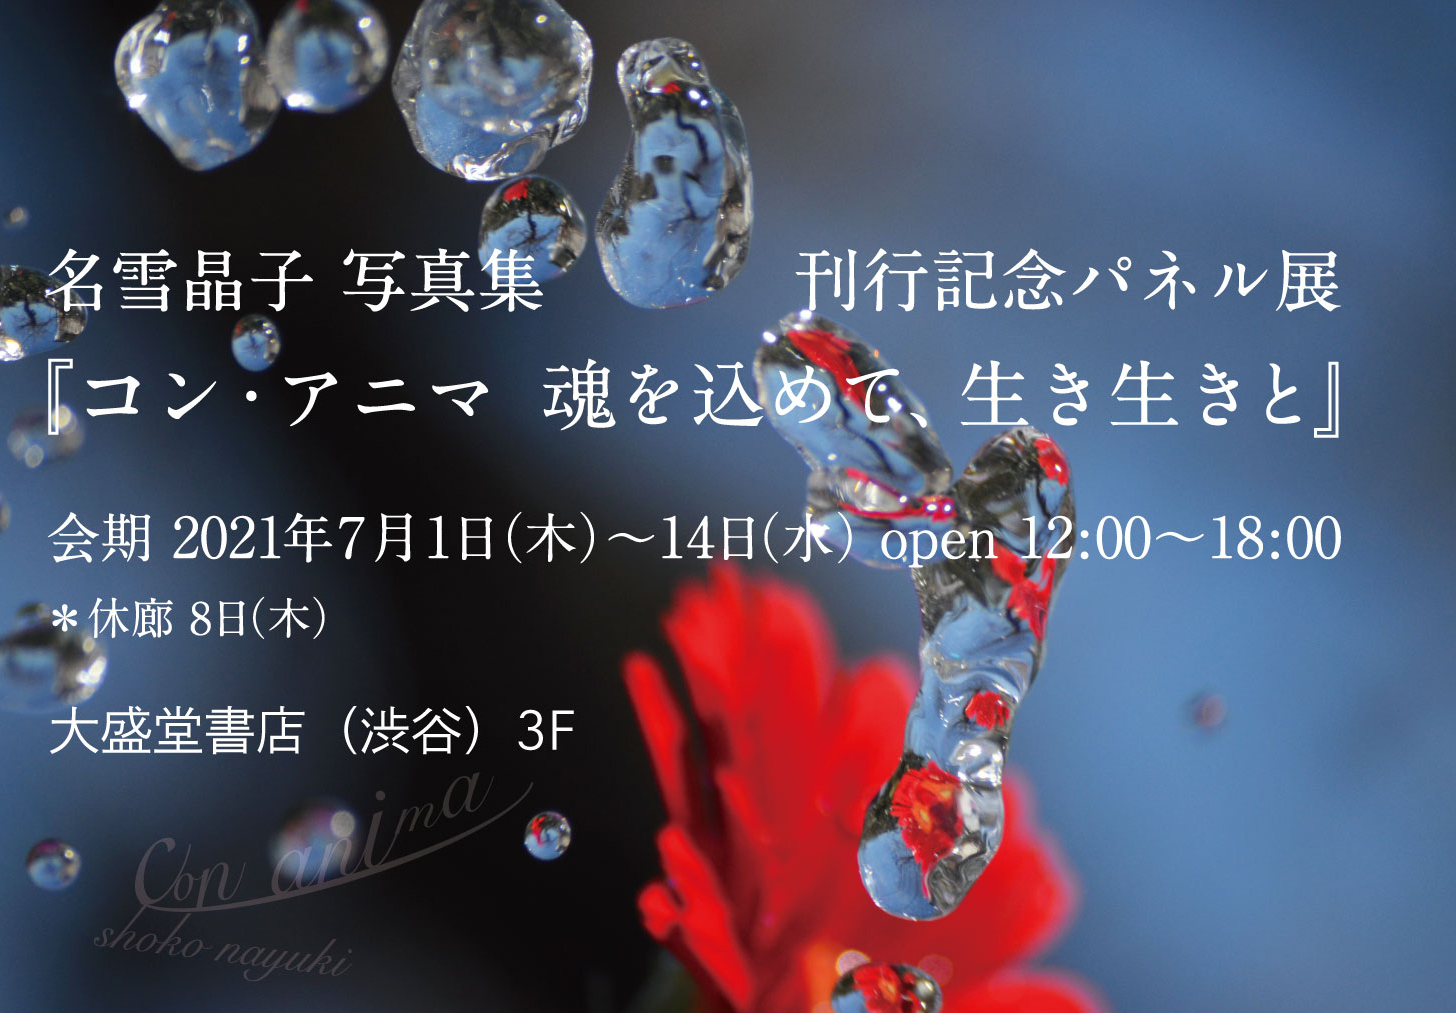 羽鳥書店紹介画像1